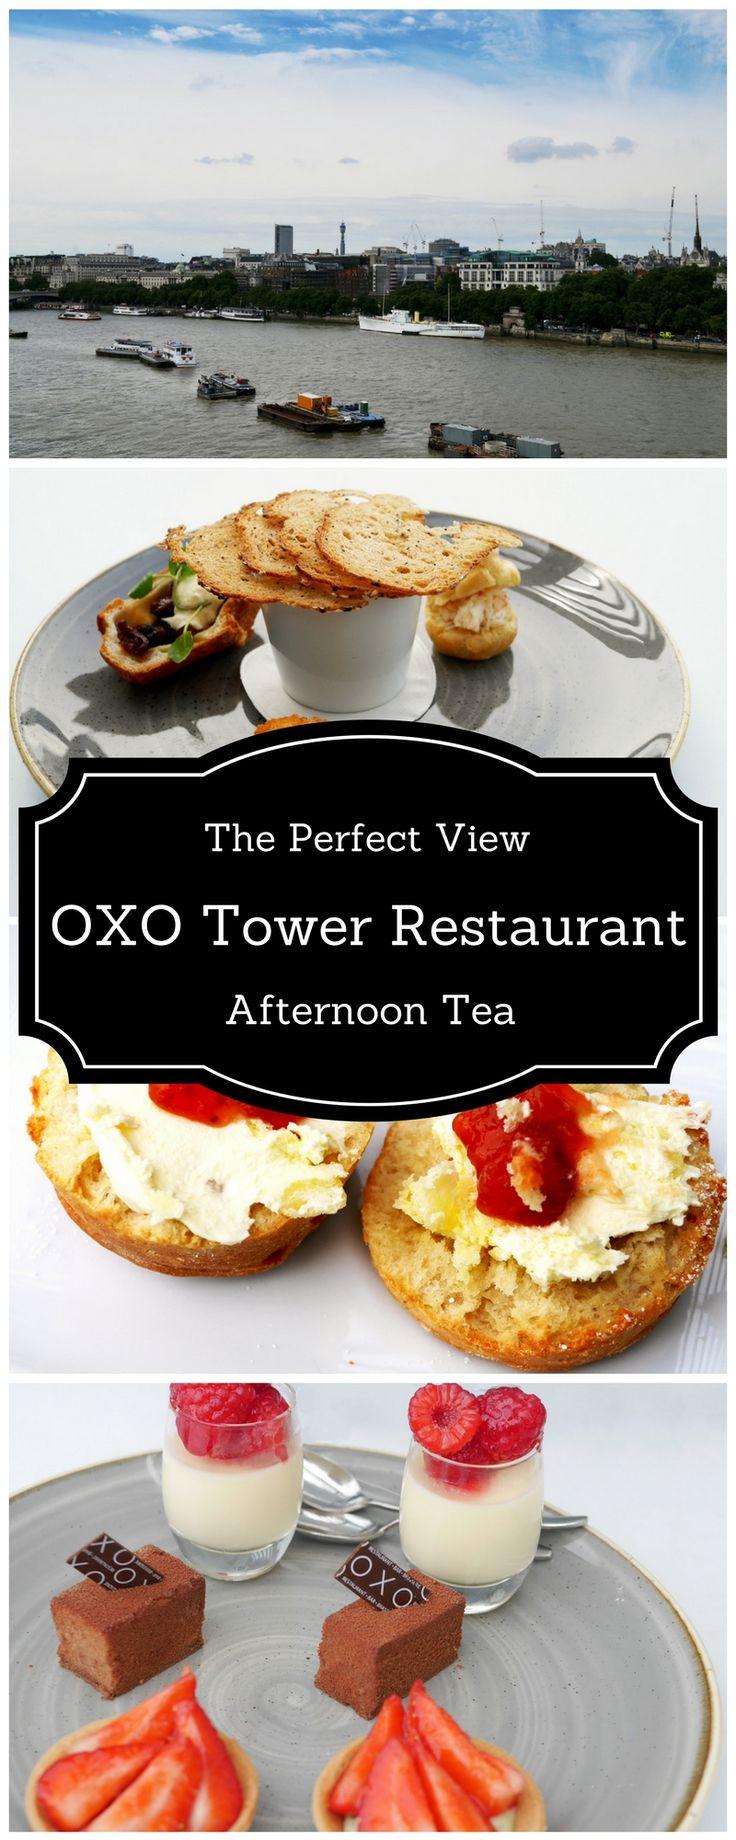 Oxo tower voucher deals